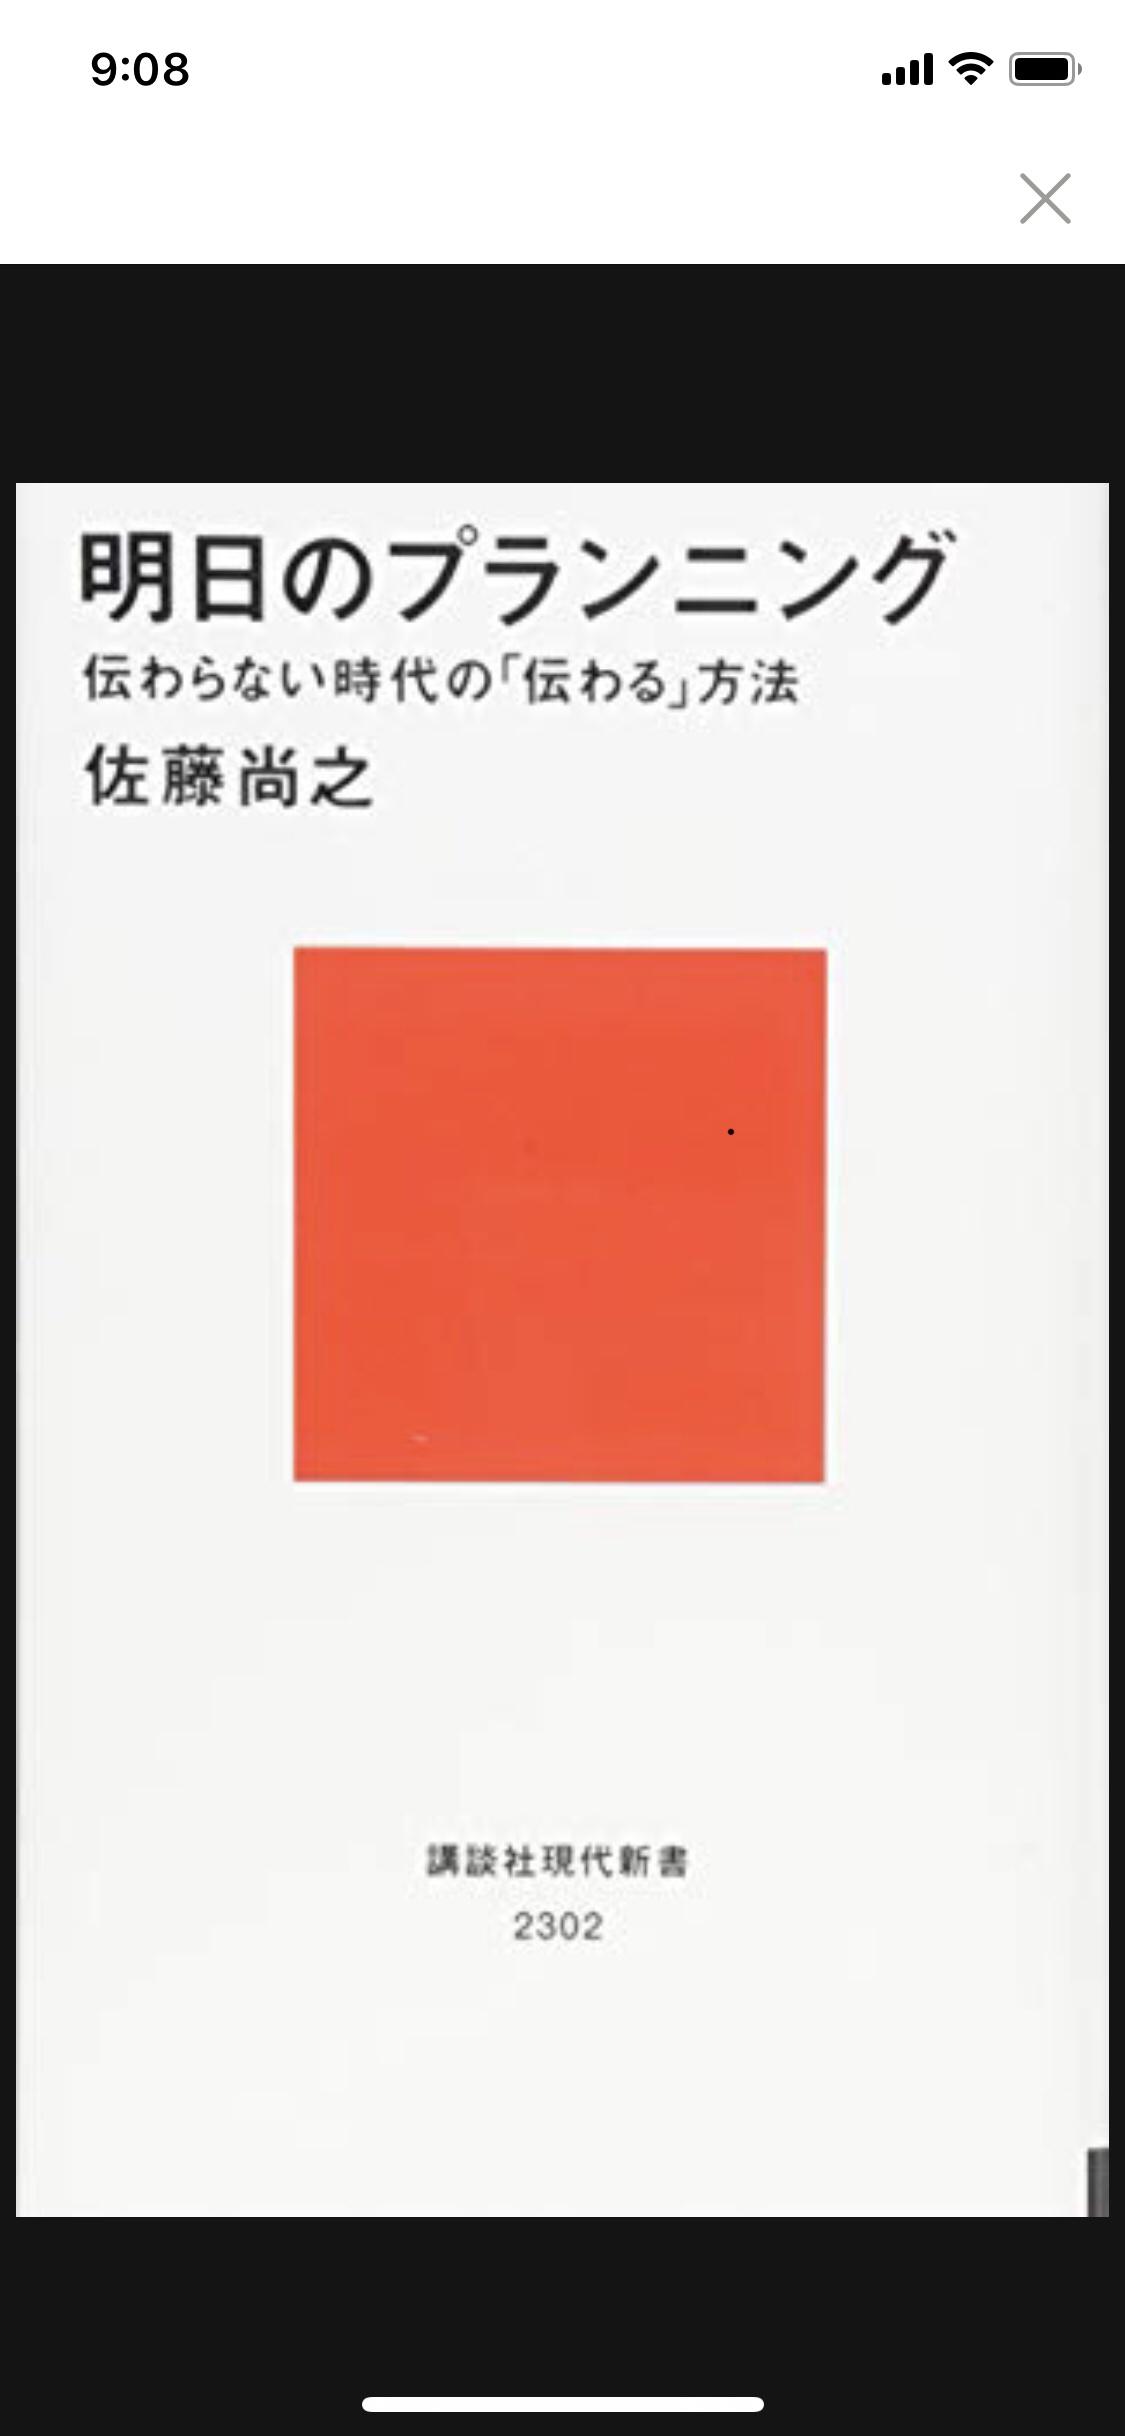 <書籍を知る>『明日のプランニング 伝わらない時代の「伝わる」方法 』佐藤尚之